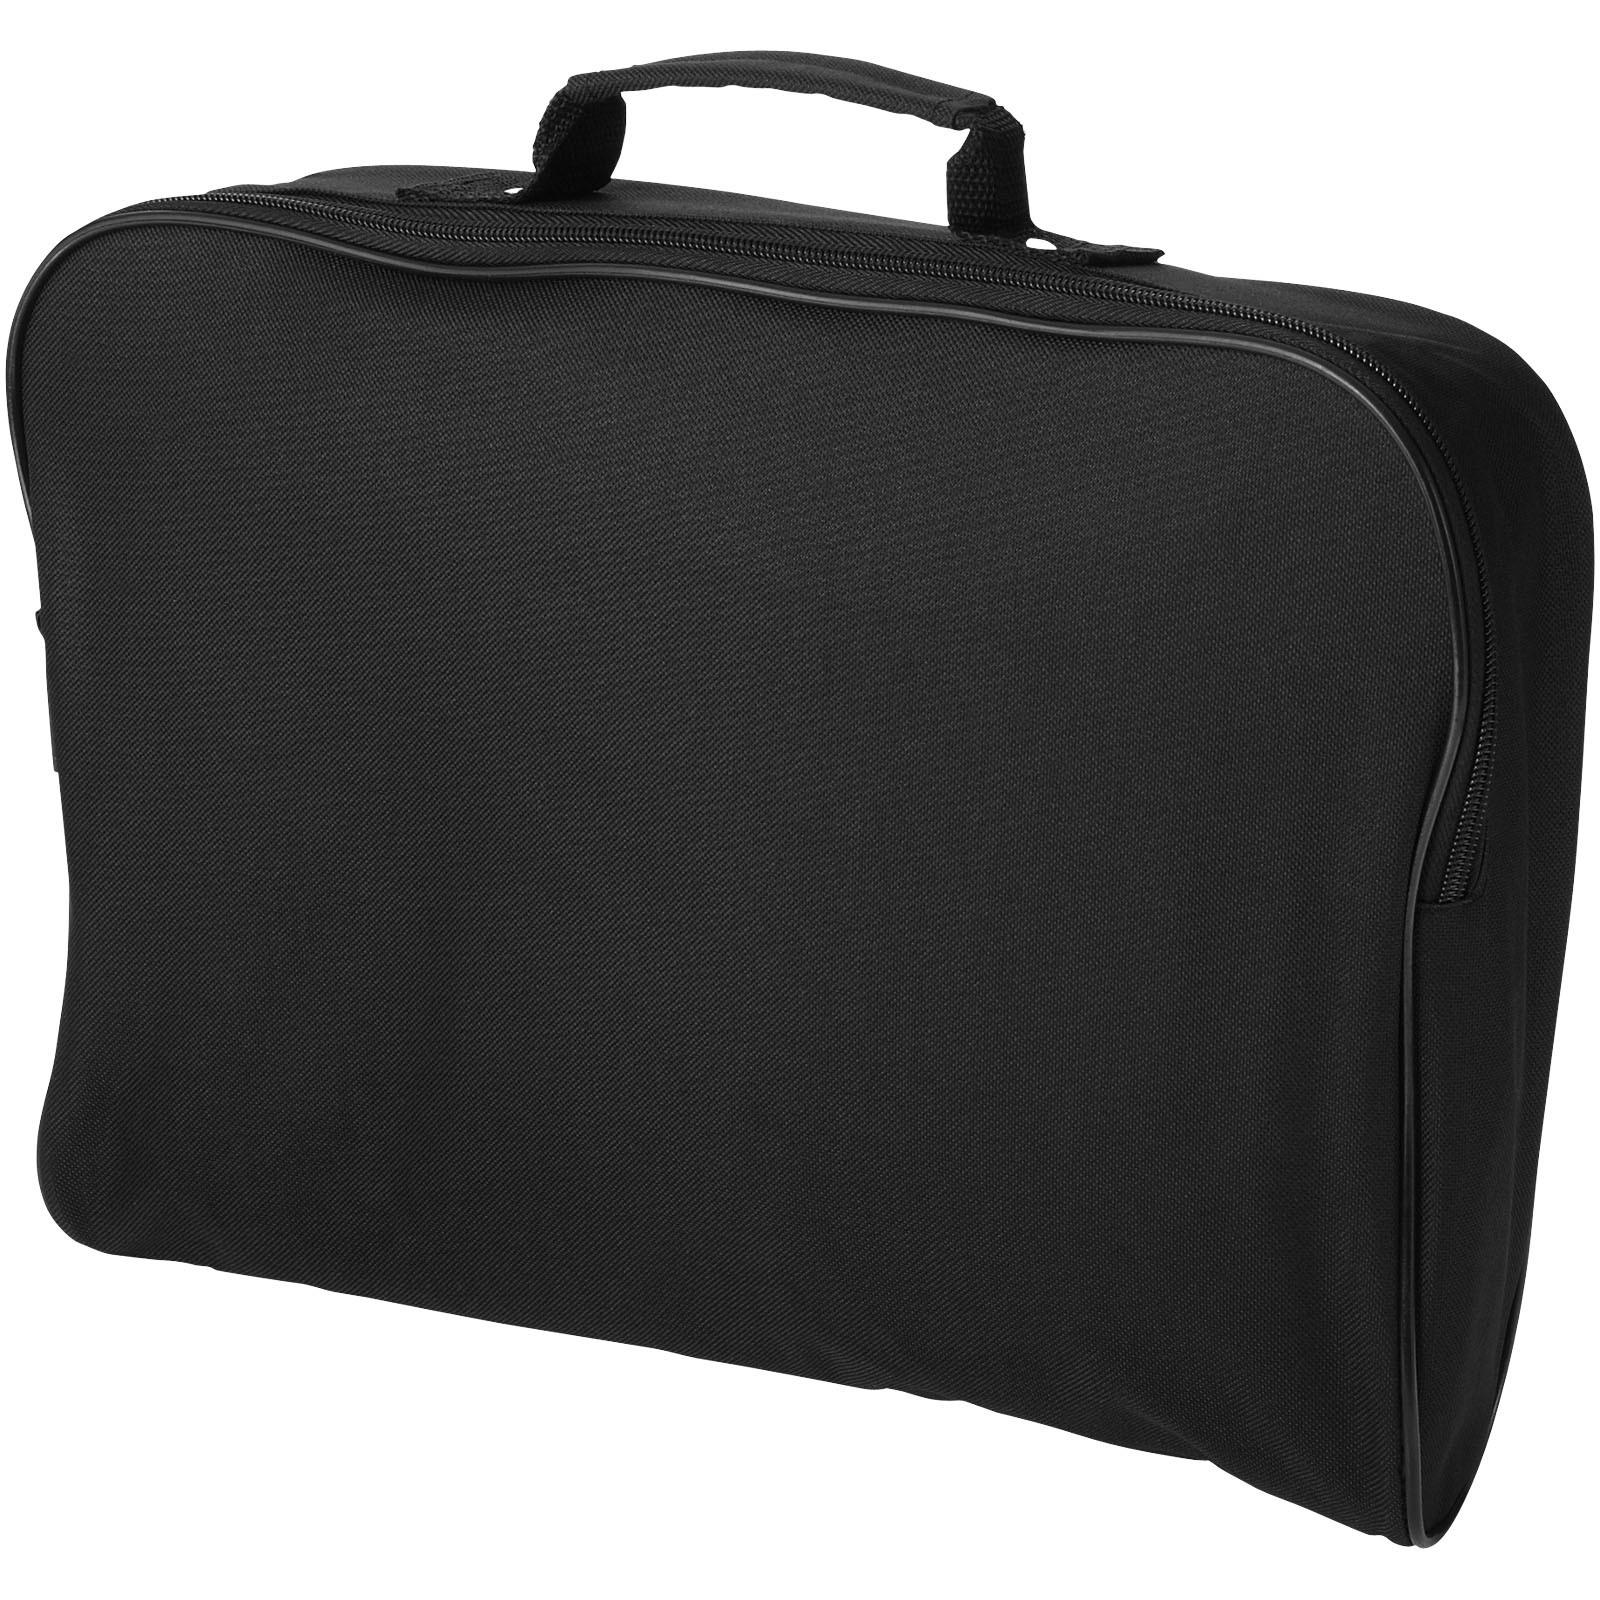 Florida conference bag - Solid black